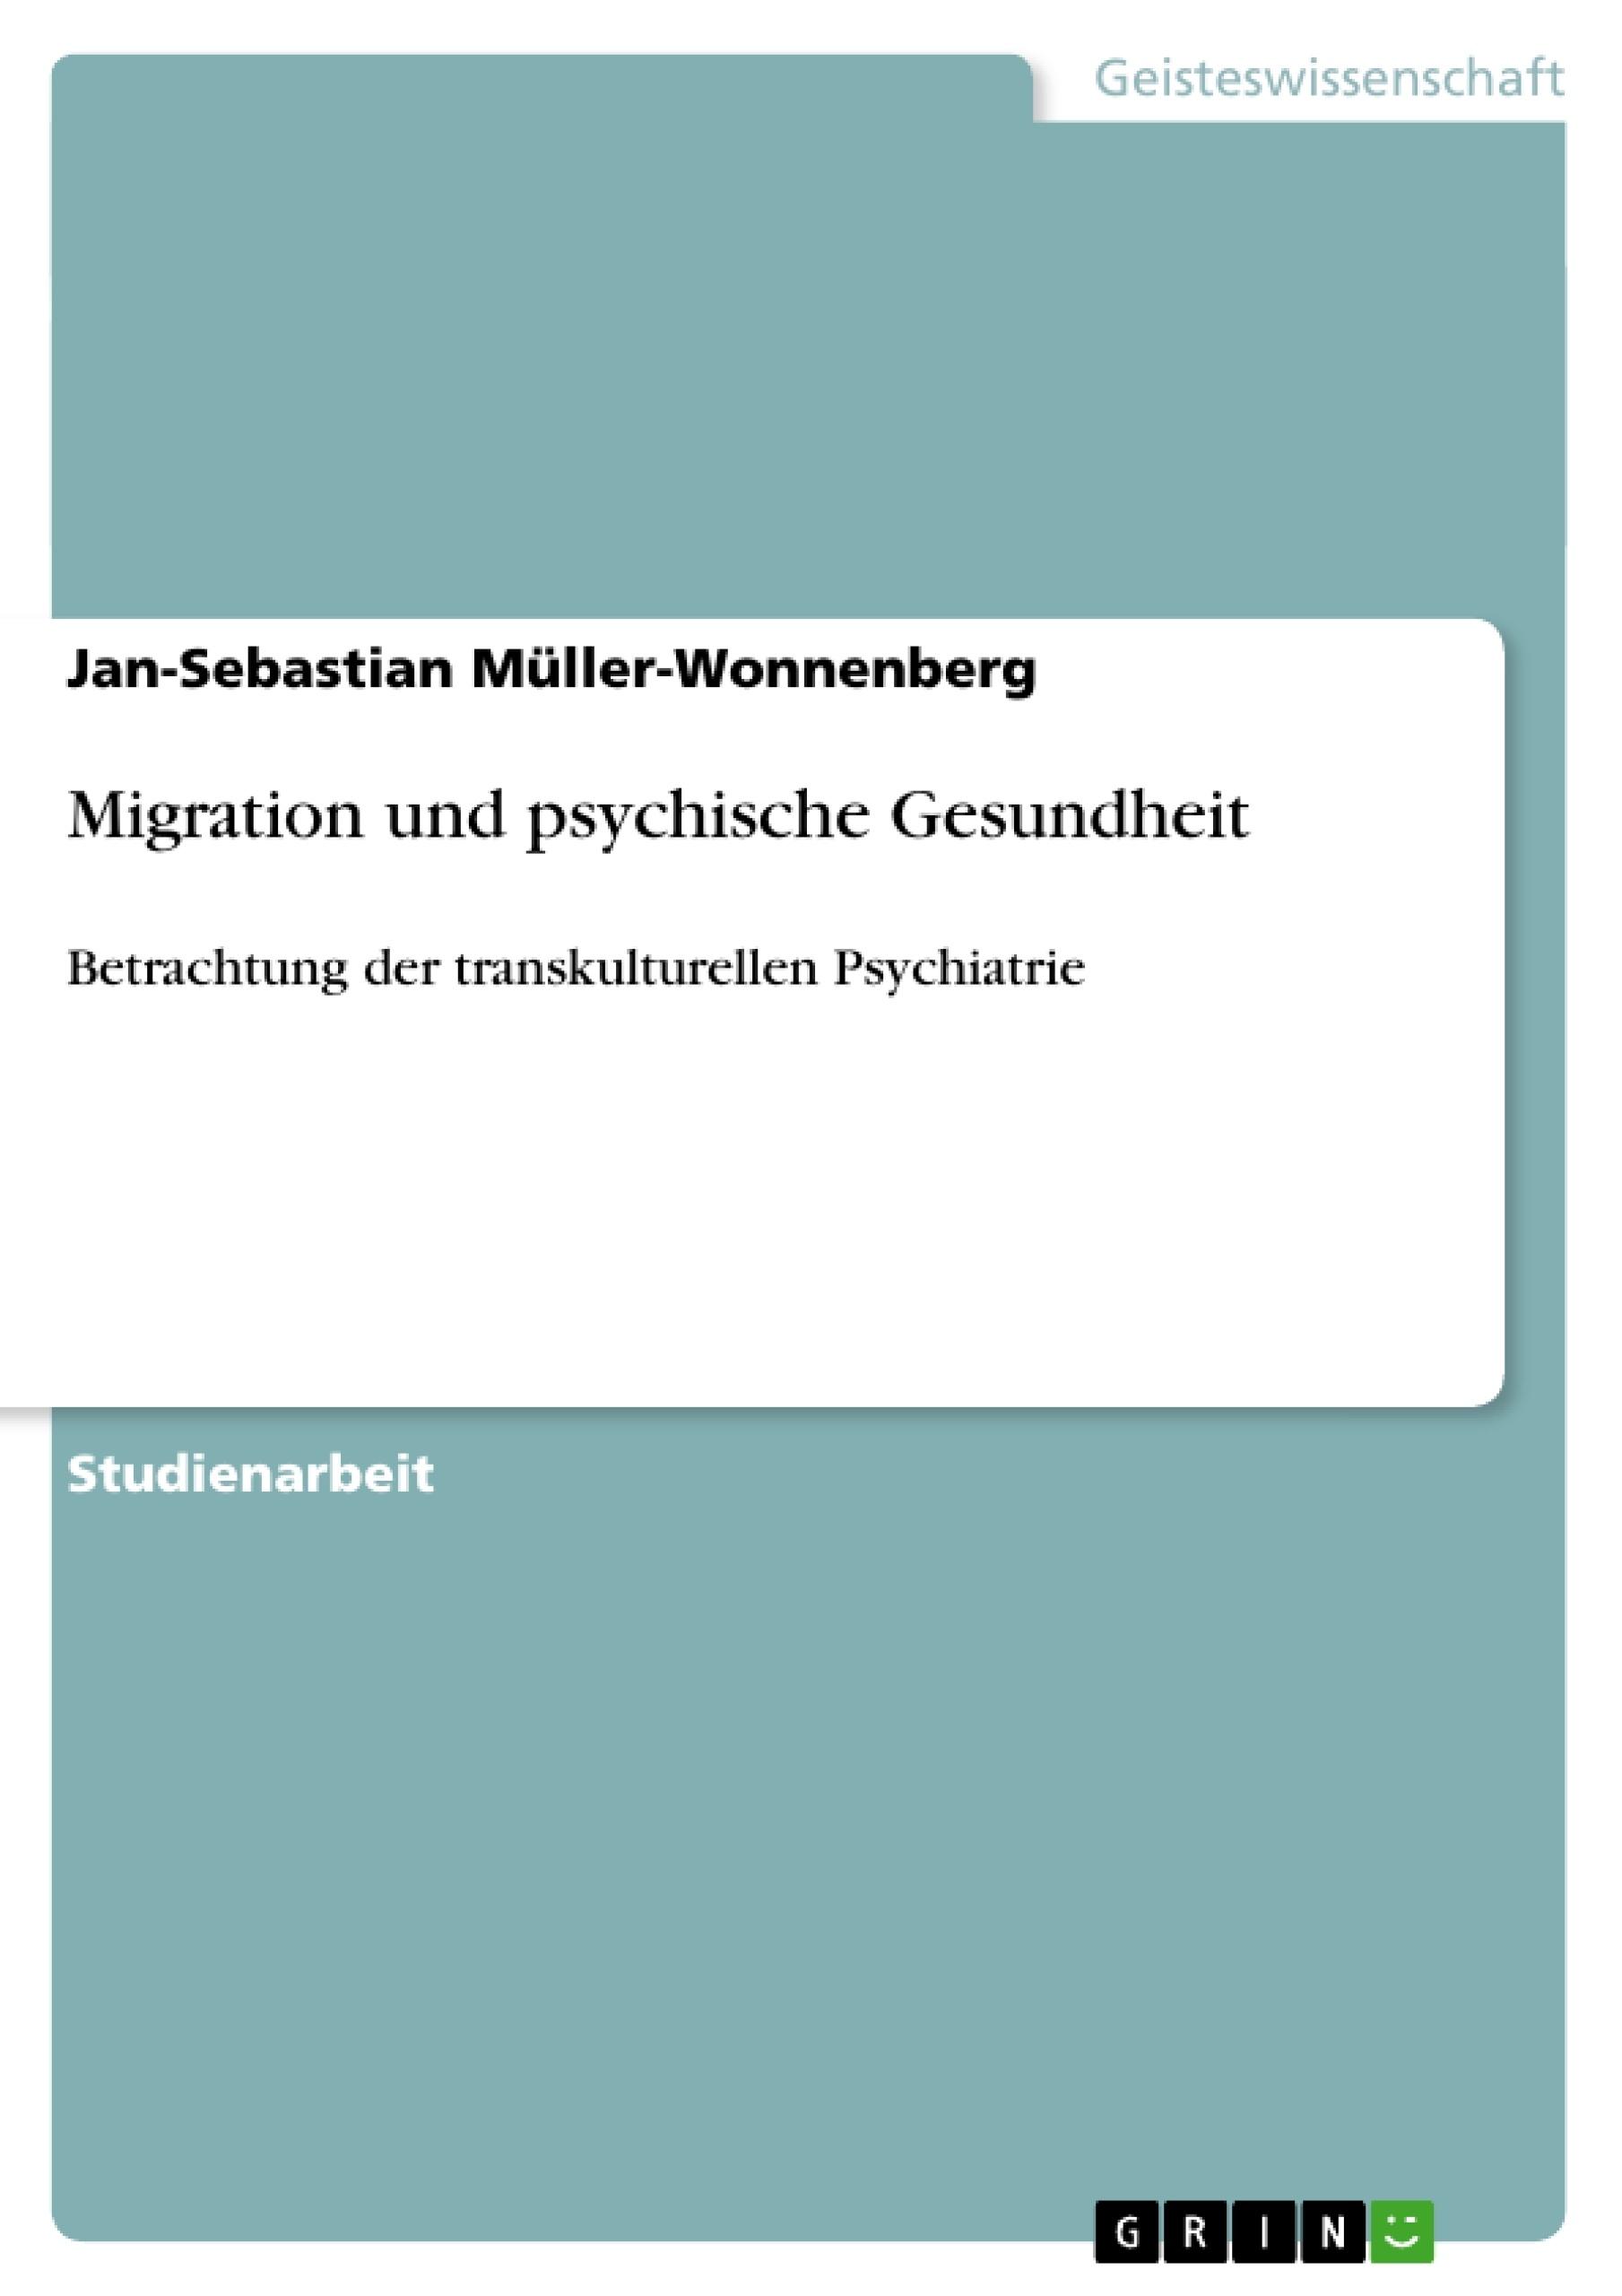 Titel: Migration und psychische Gesundheit